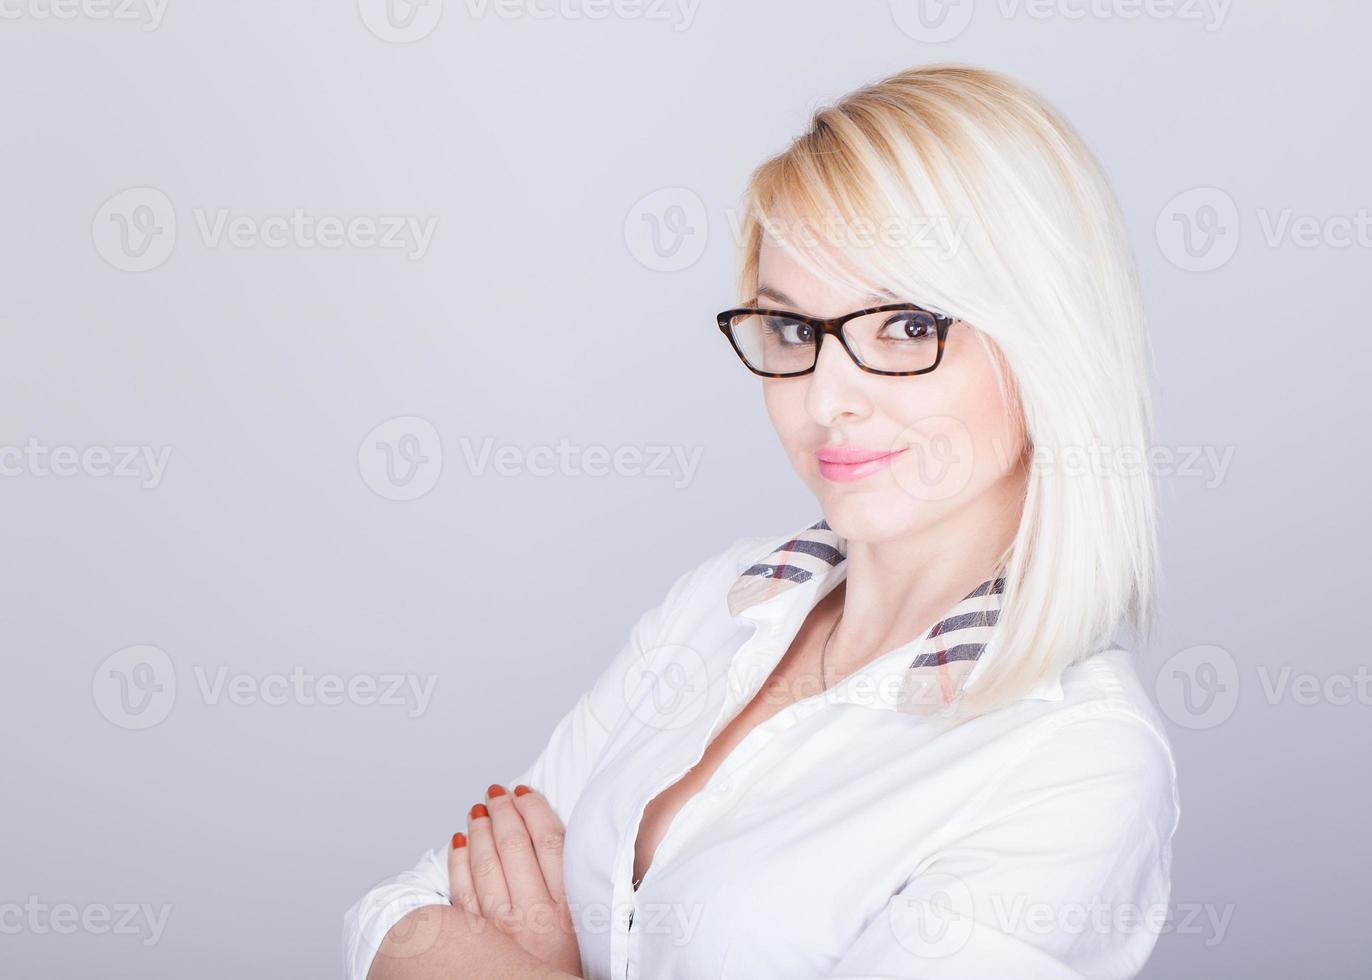 Jeune femme séduisante à lunettes nerd et chemise boutonnée photo